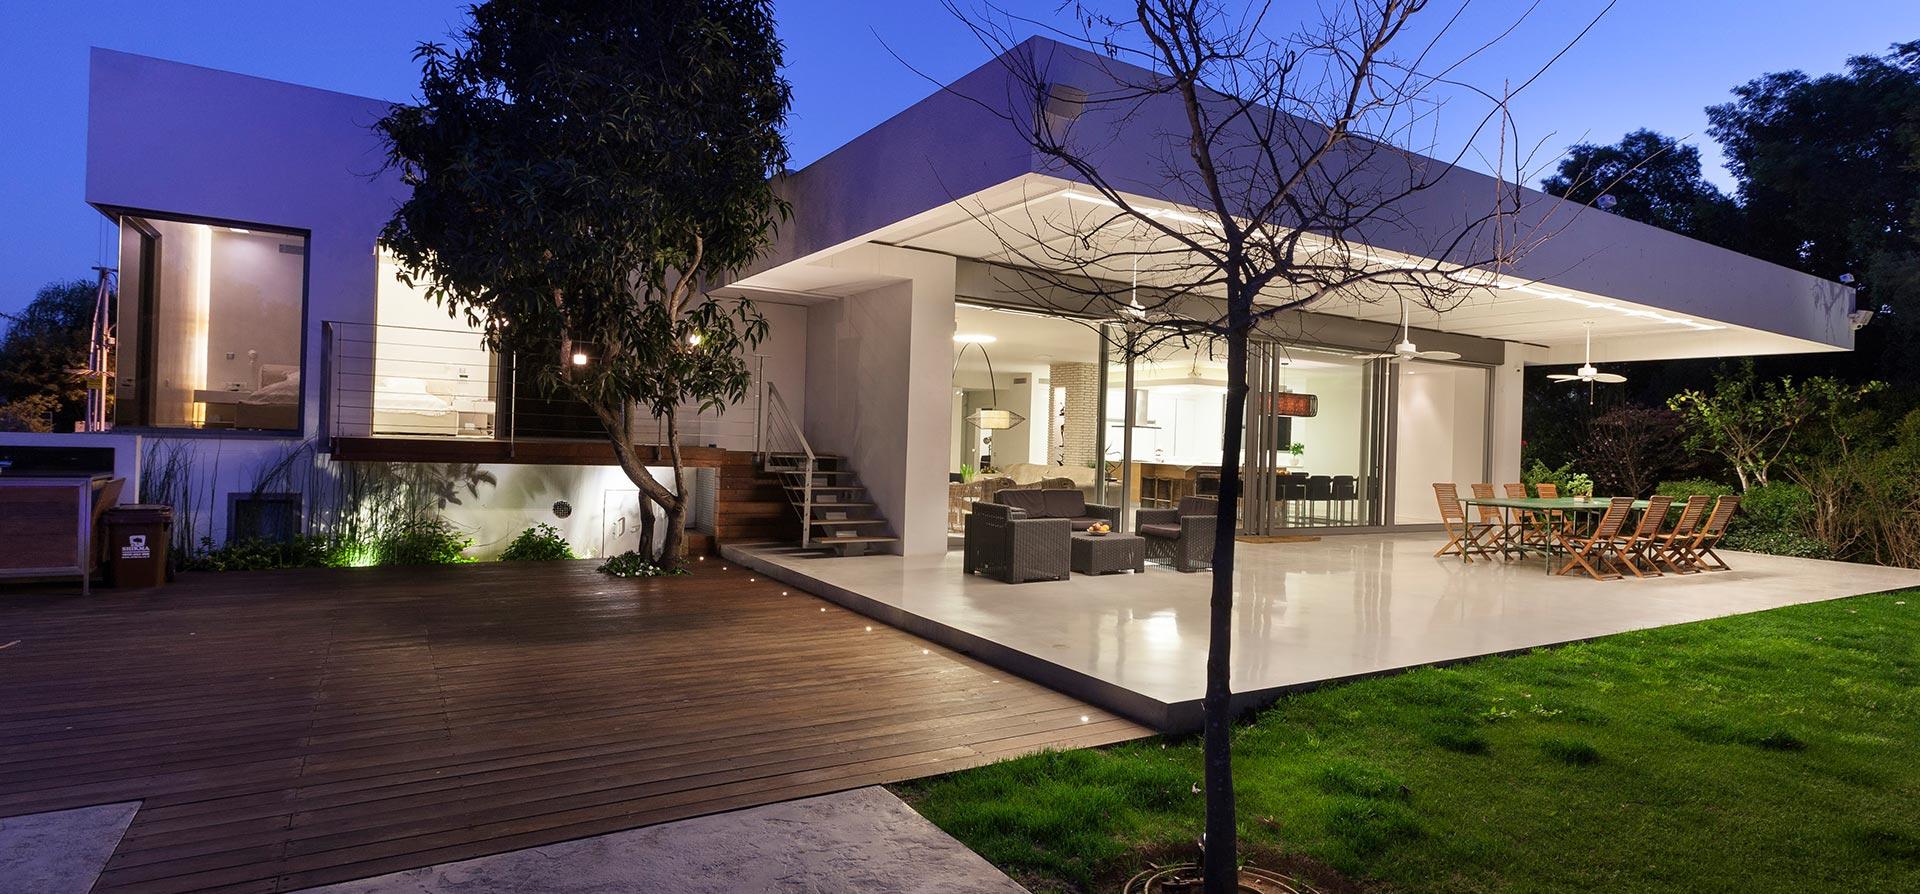 בית בסביון, תאורה מעוצבת לבית